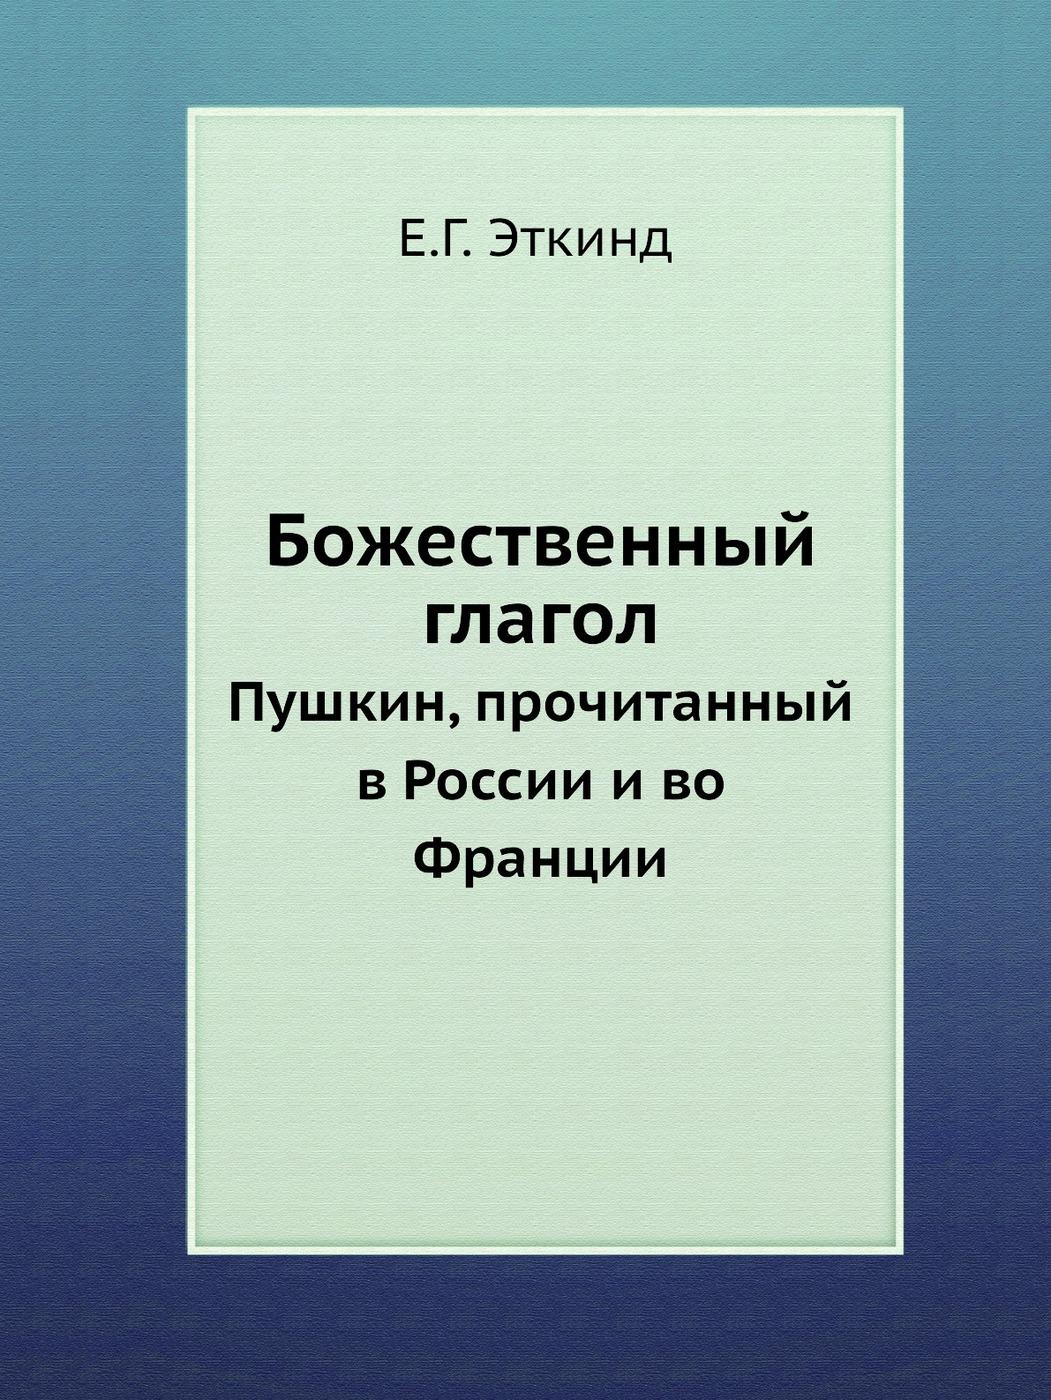 Е.Г. Эткинд Божественный глагол. Пушкин, прочитанный в России и во Франции